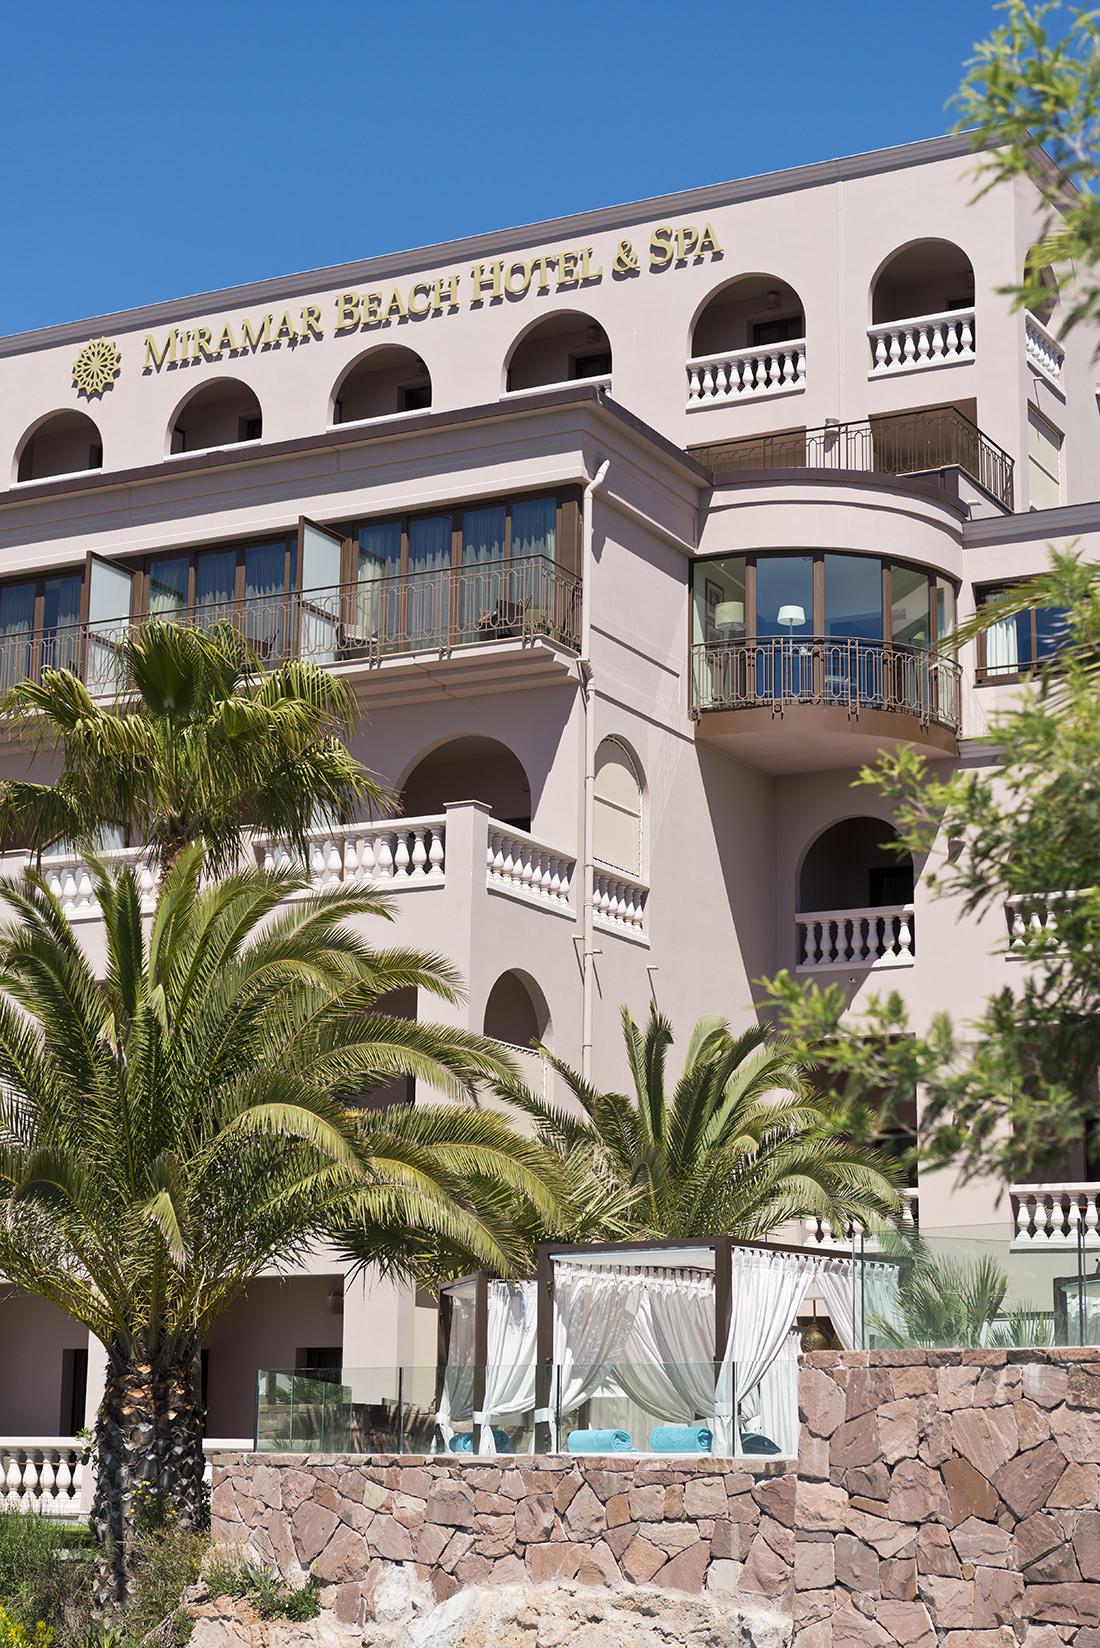 tiara-miramar-beach-hotel-spa-6